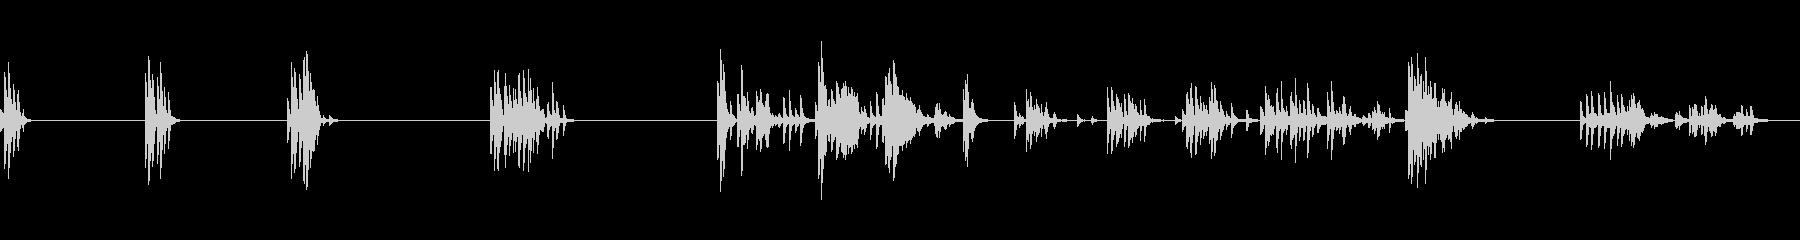 クリスタル:さまざまなリングベルの未再生の波形